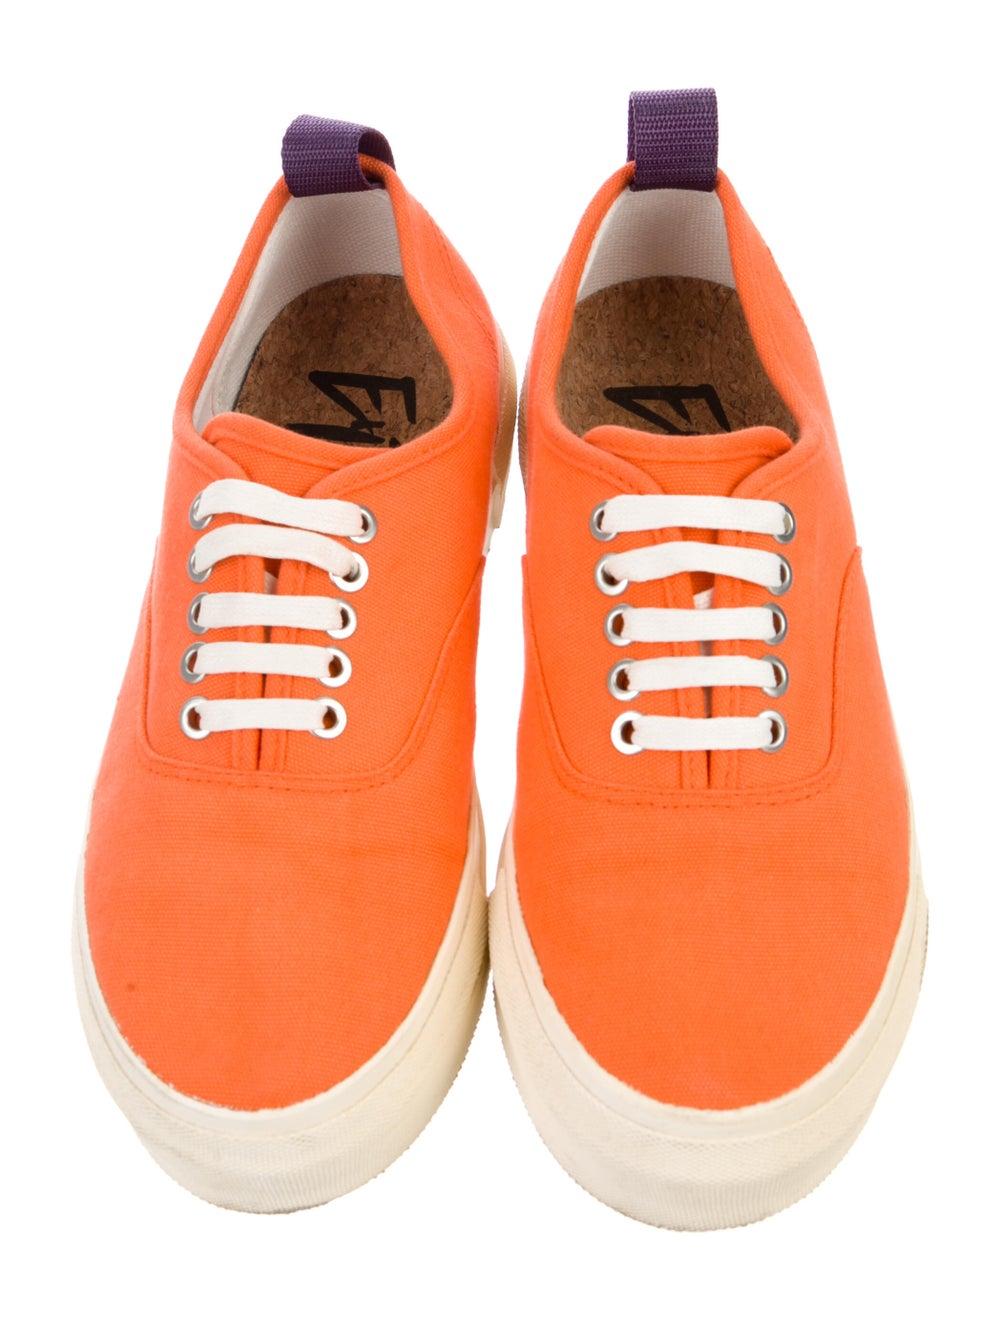 Eytys Sneakers Orange - image 3